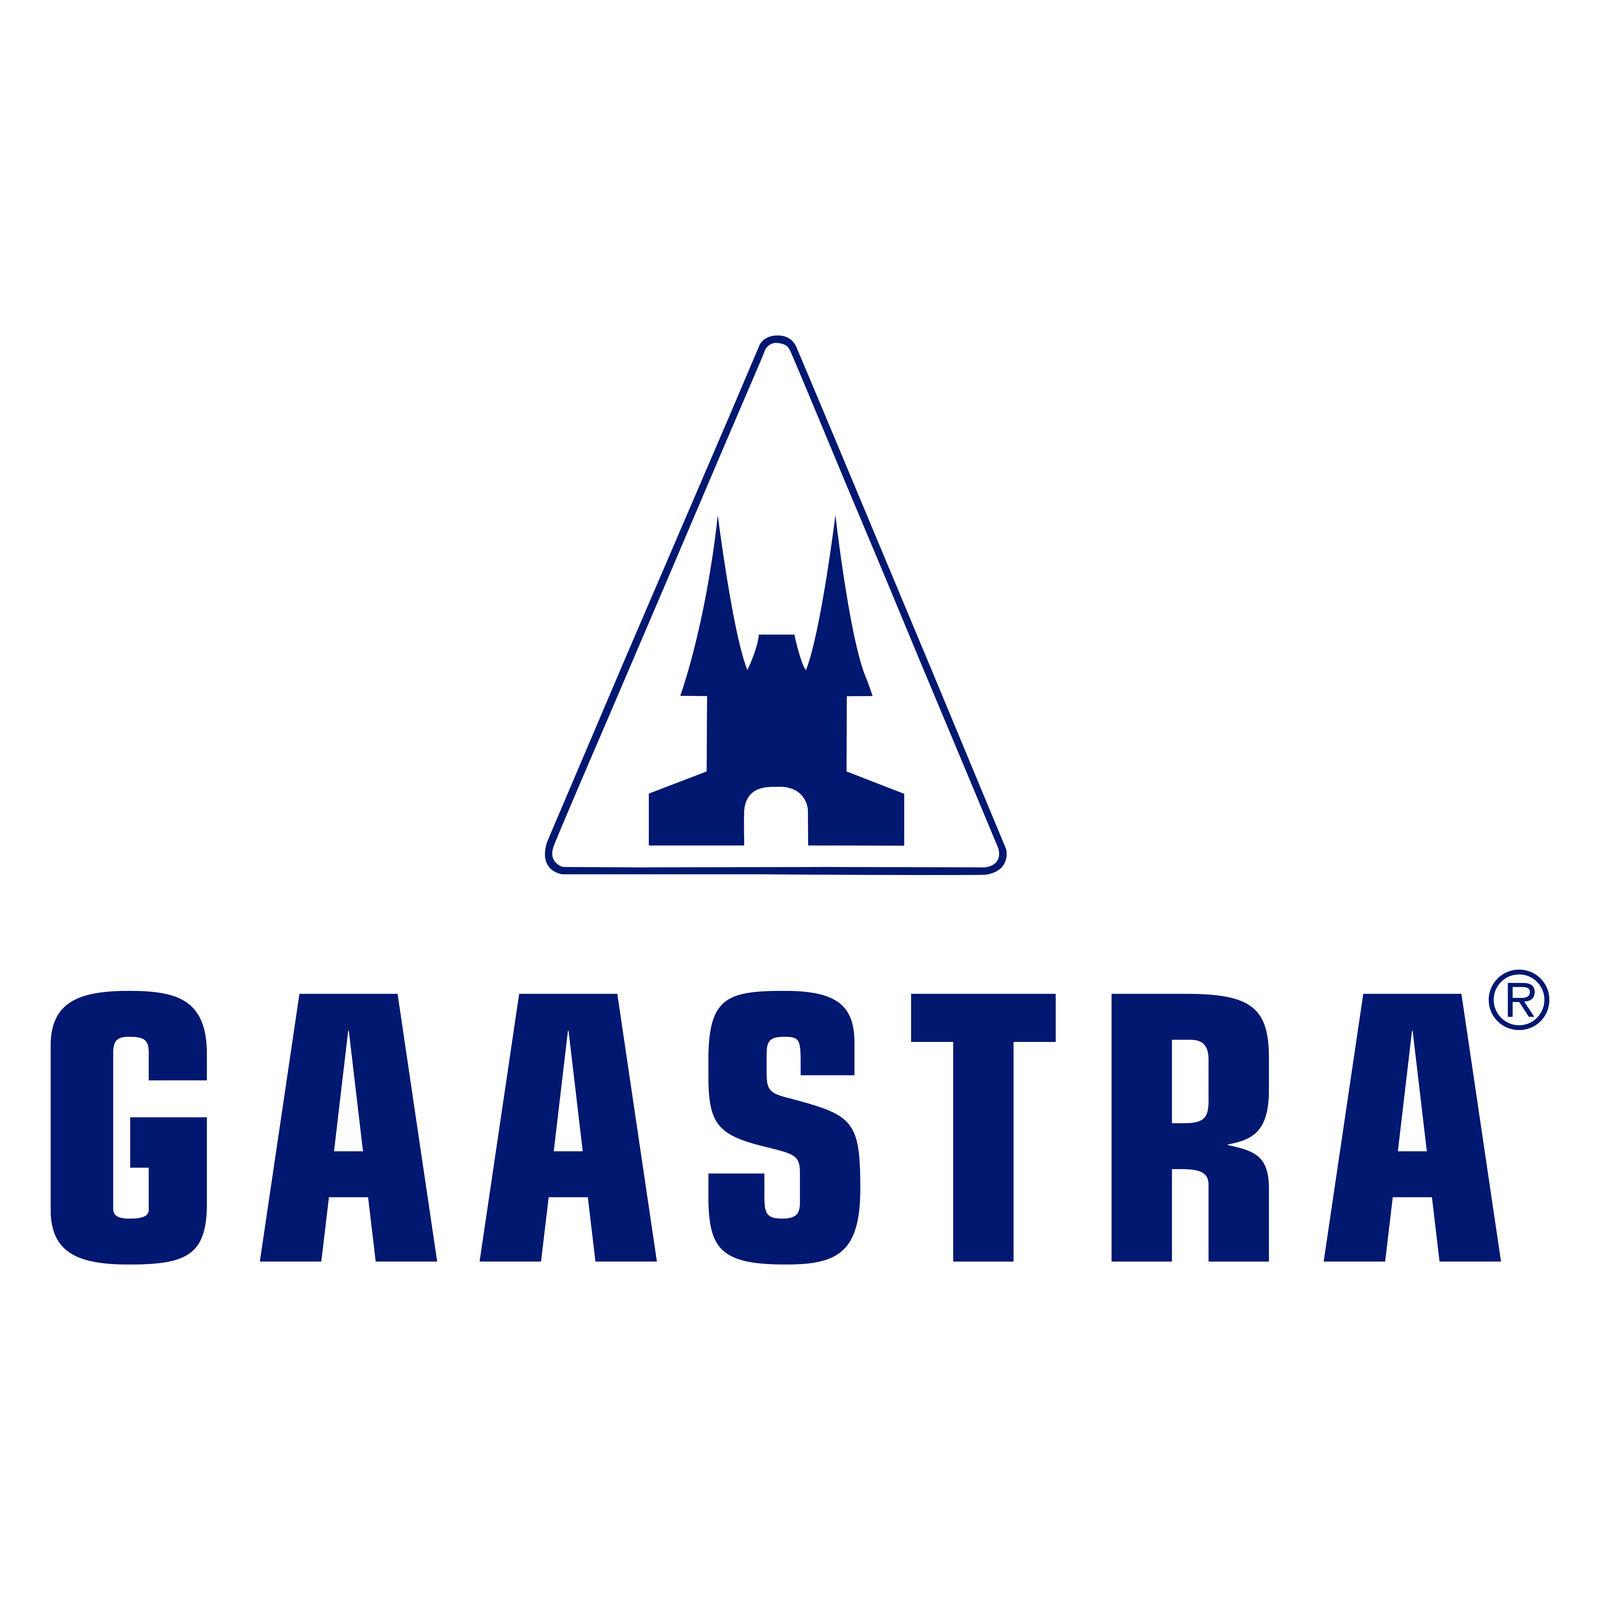 GAASTRA (Bild 1)